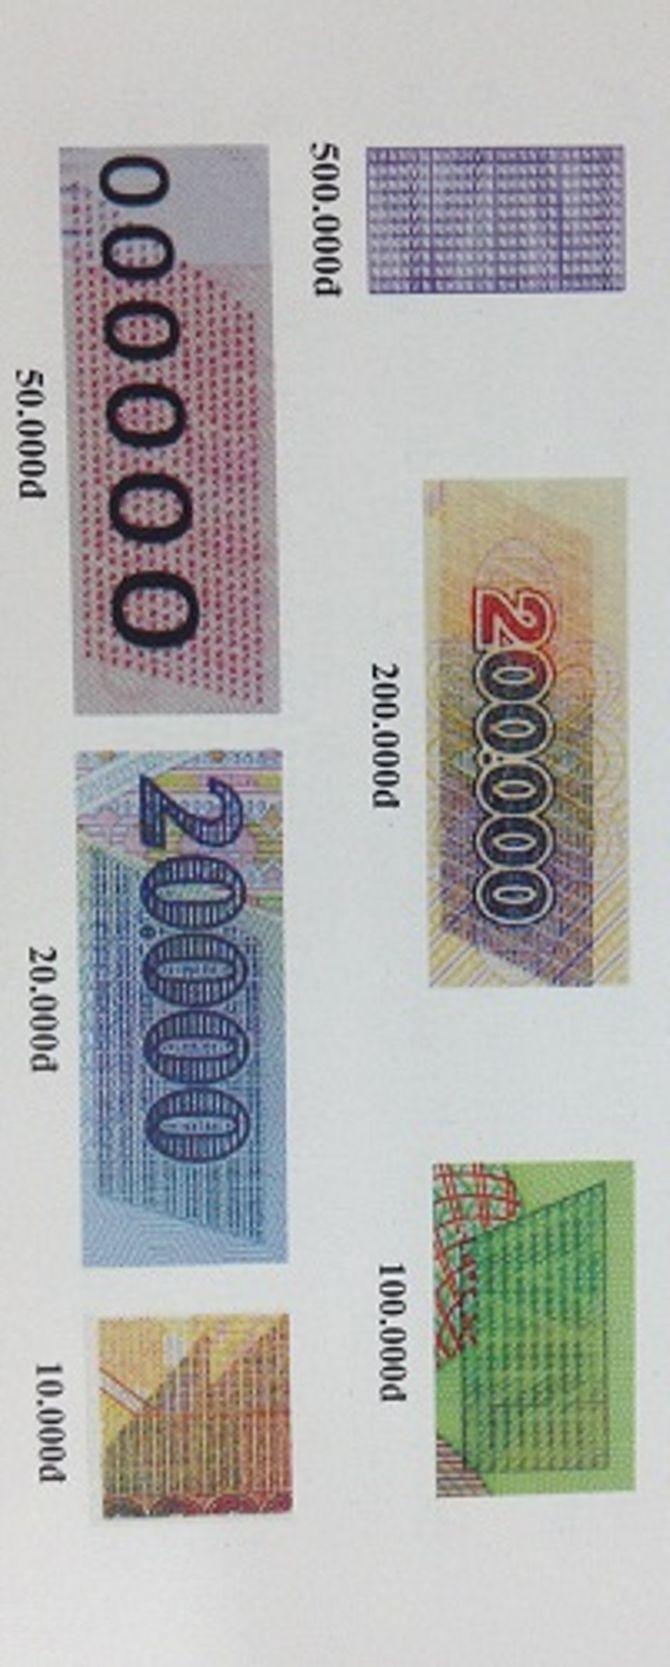 Nhận biết tiền giả polymer như thế nào? - Ảnh 5